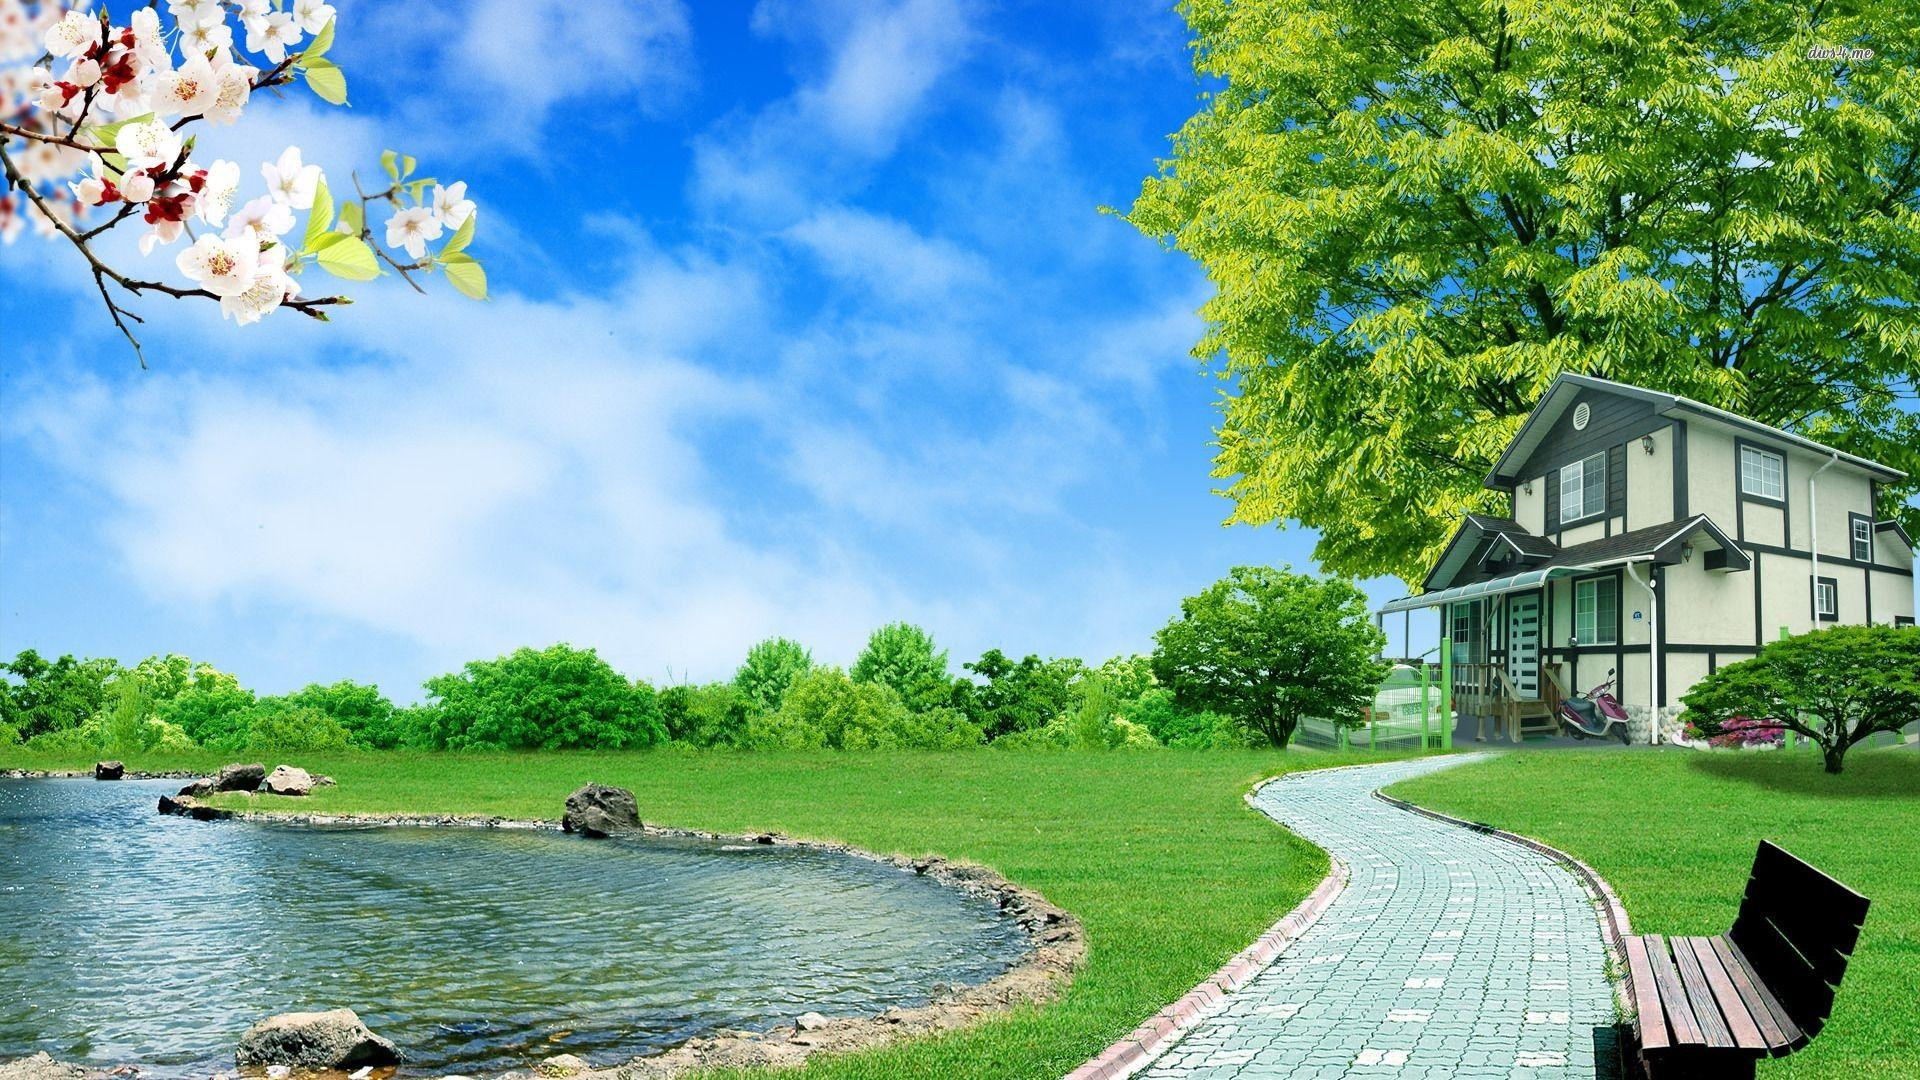 Summer, Landscape, Full, HD, Wallpaper ...